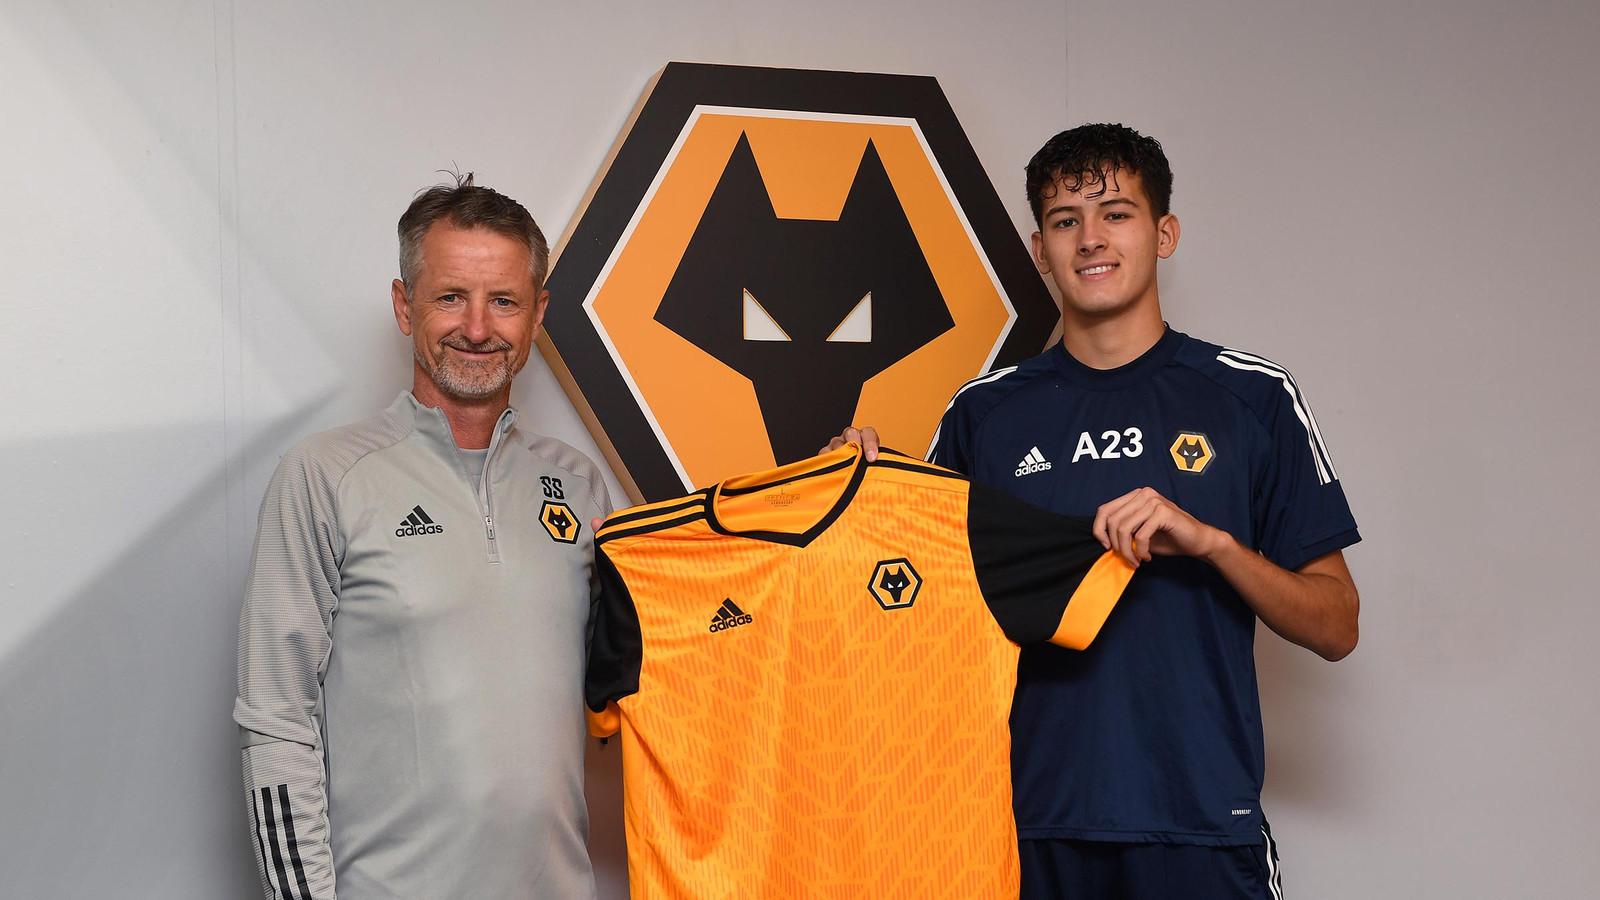 Justin Hubner tekent heeft zijn eerste profcontract bij Wolves getekend.